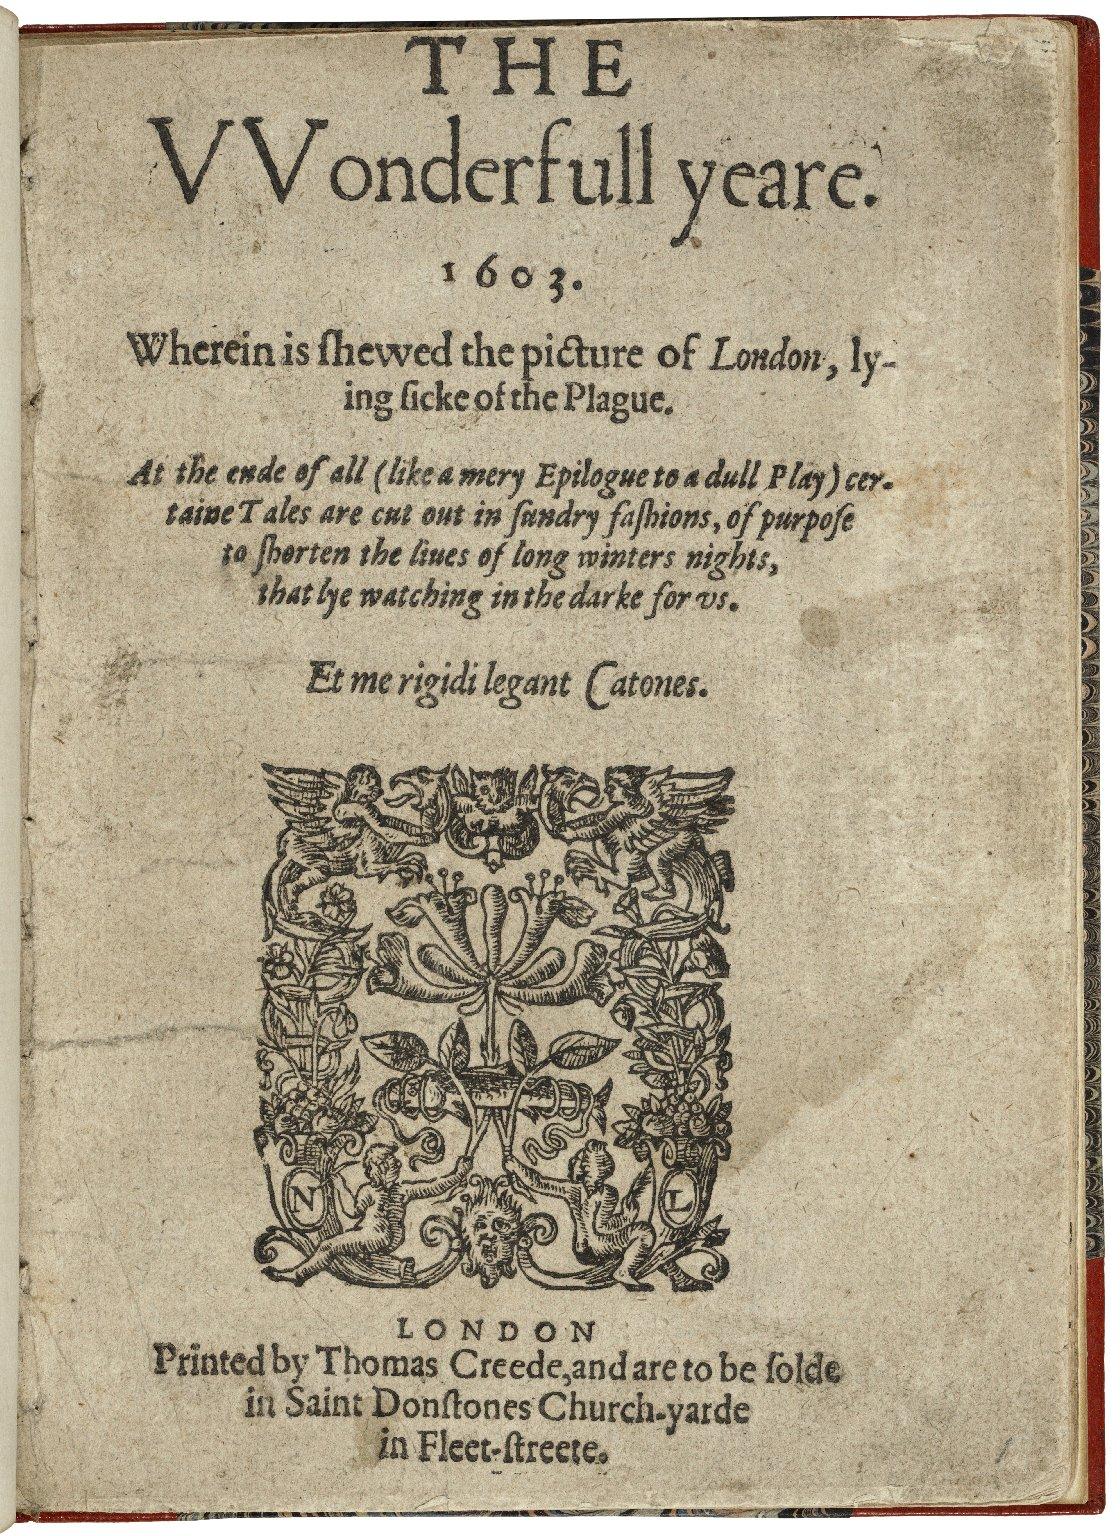 The vvonderfull yeare. 1603.